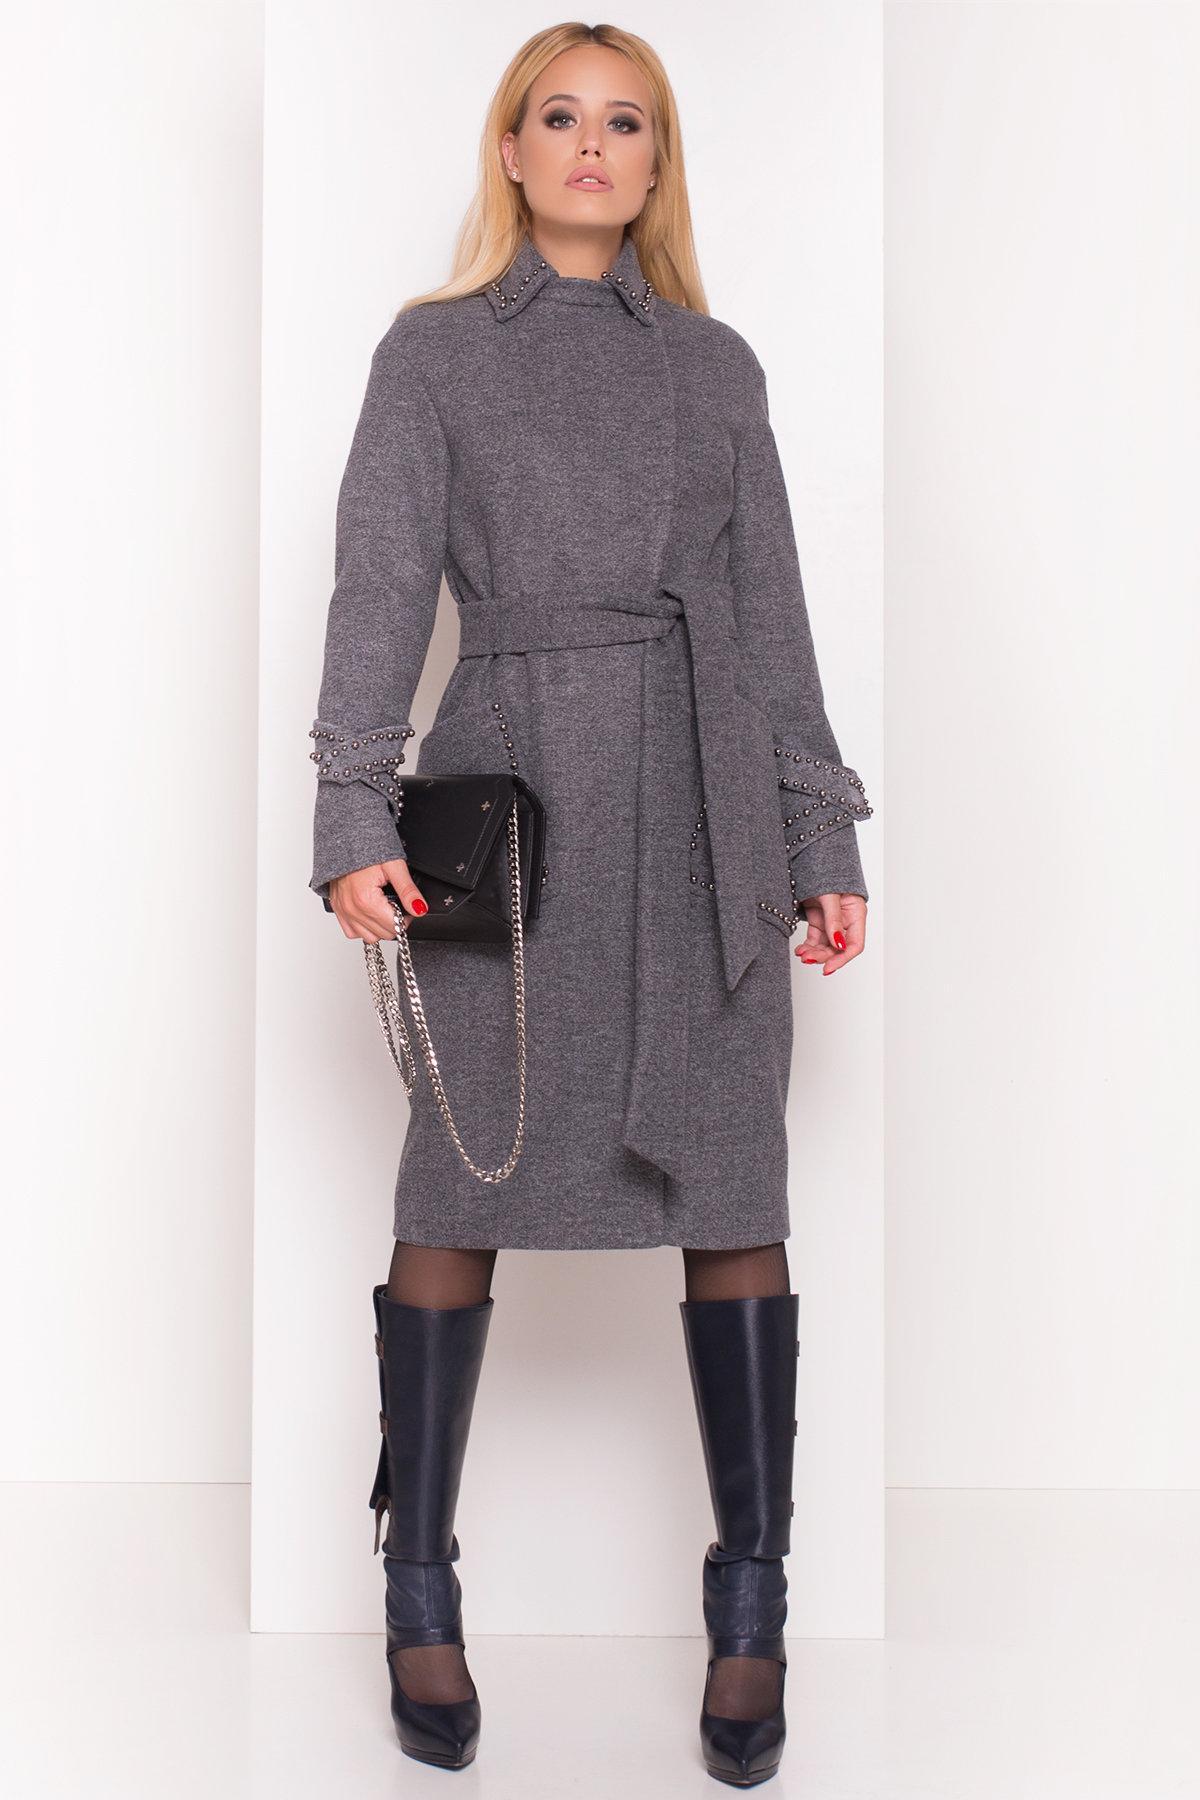 Кашемировое демисезонное пальто с декором Алина 5248 АРТ. 36624 Цвет: Серый Темный - фото 5, интернет магазин tm-modus.ru